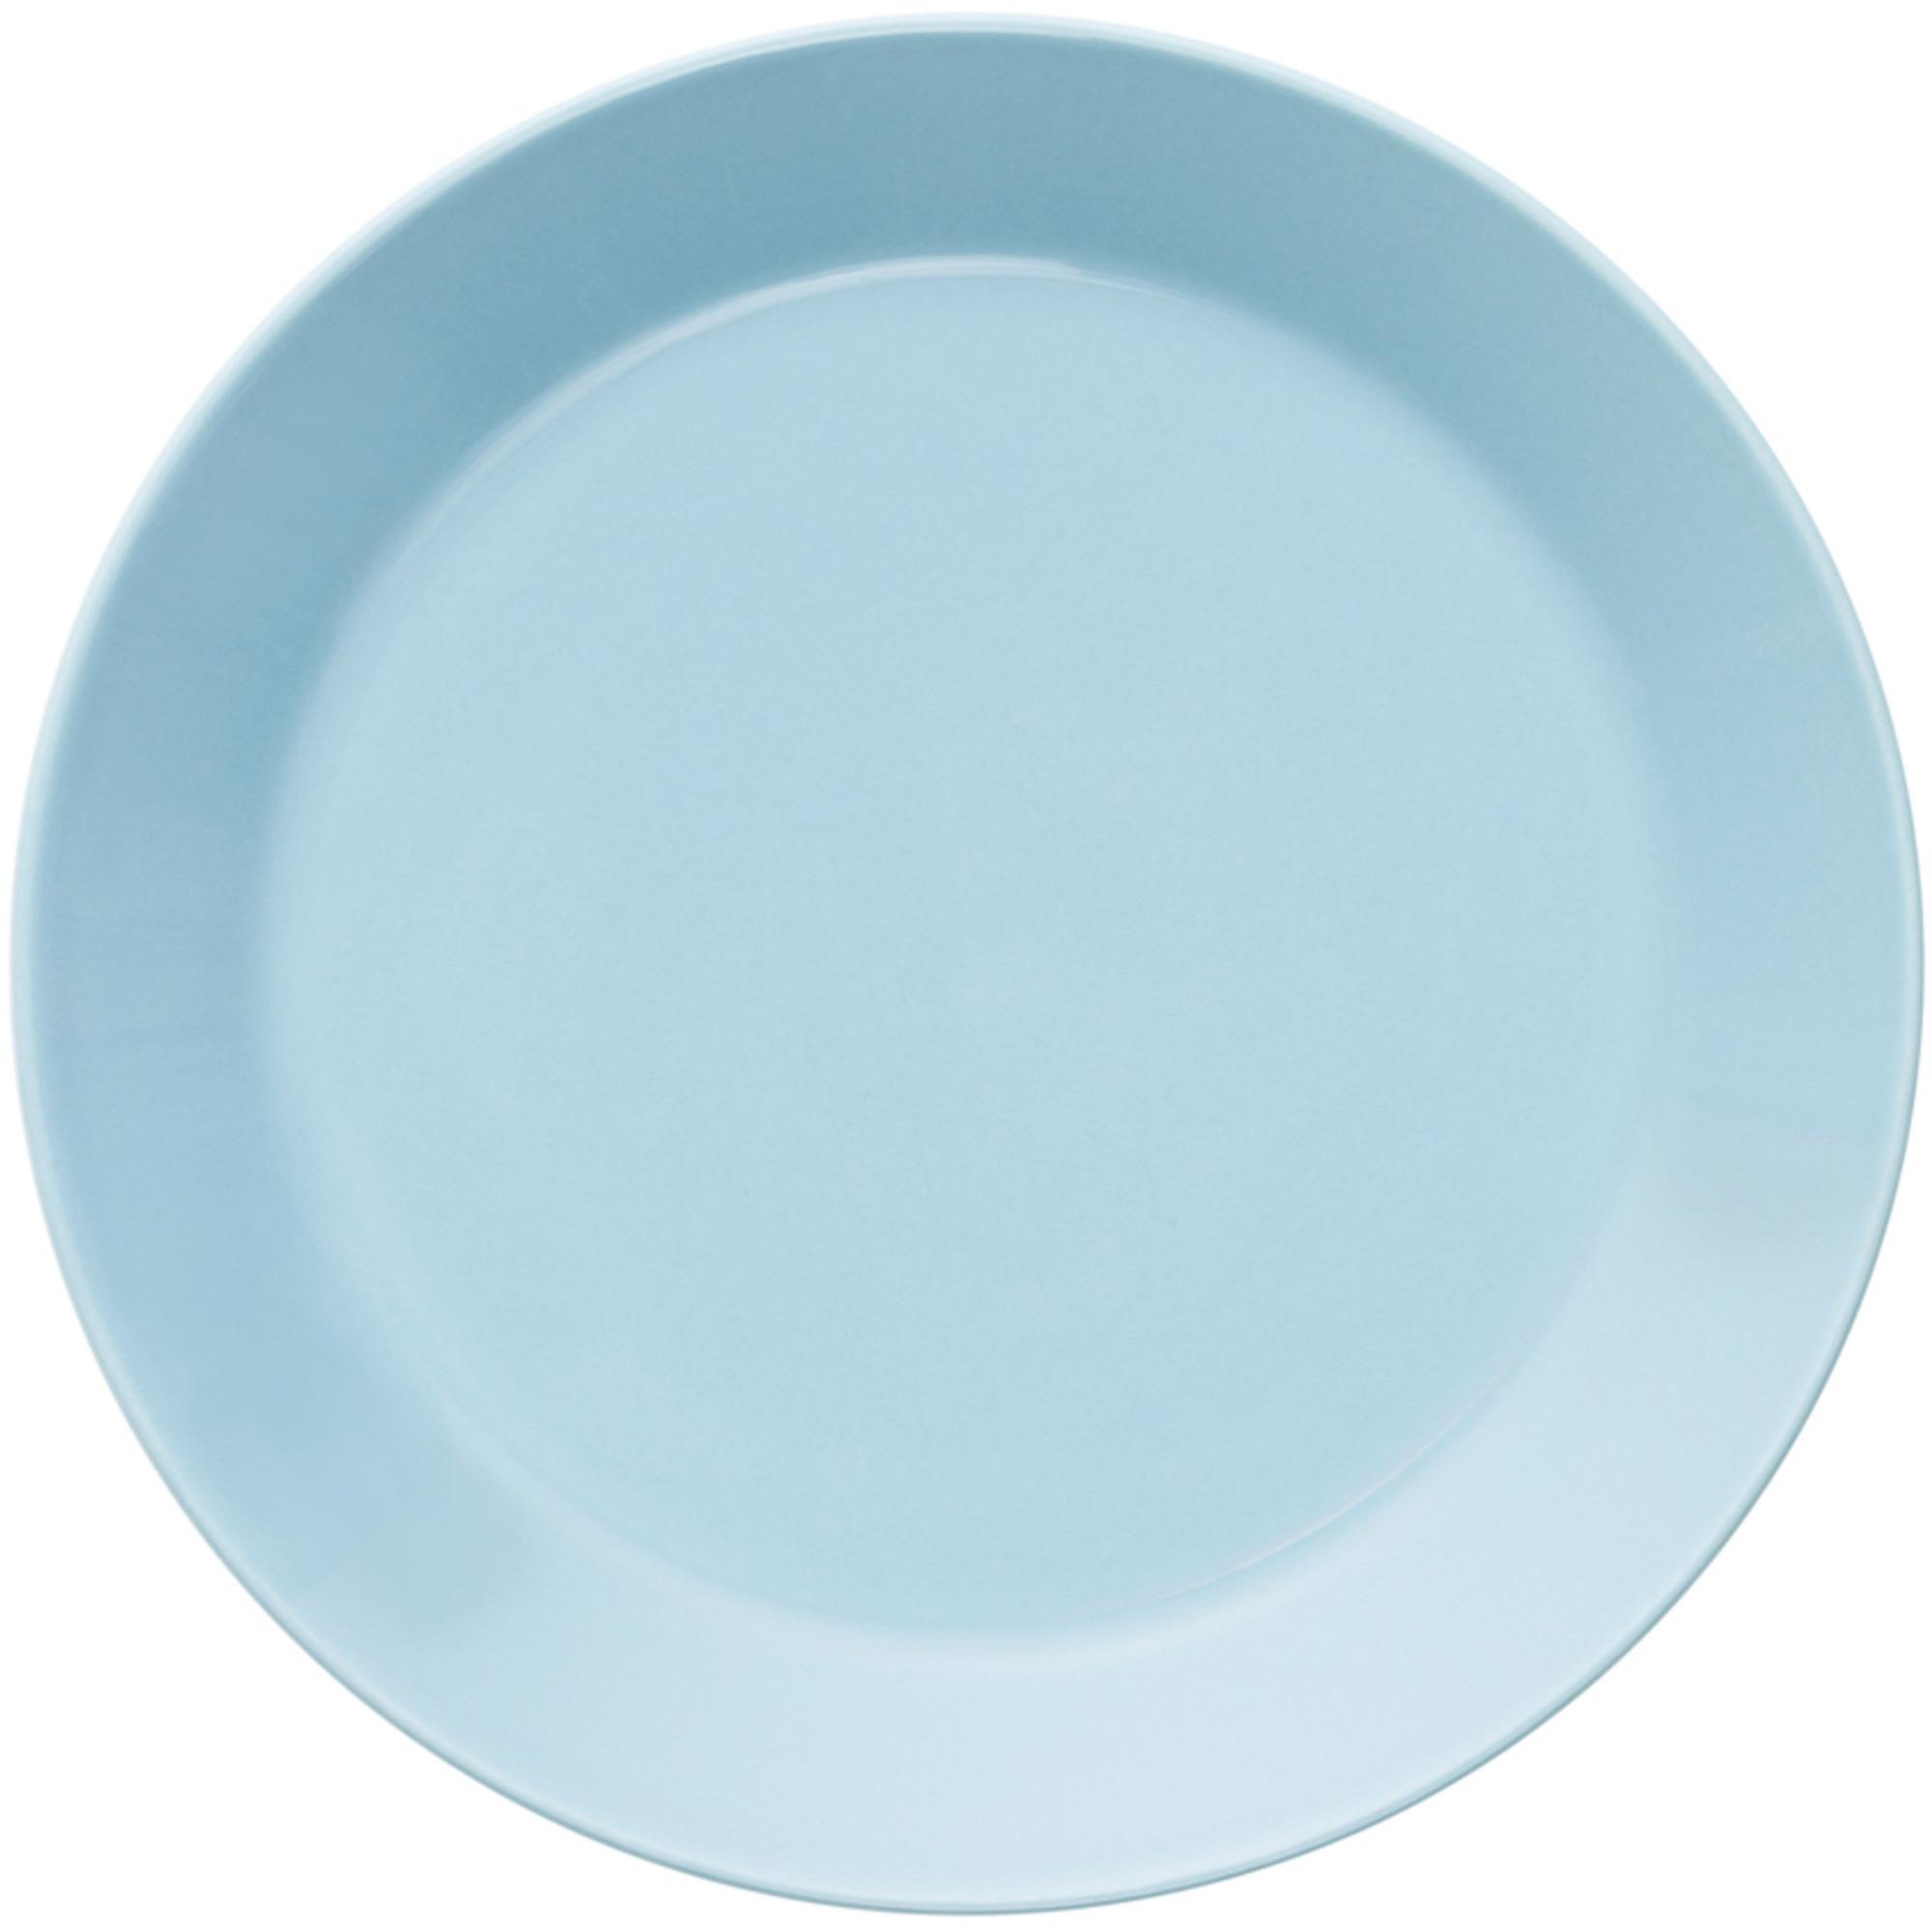 Iittala Teema tallrik 17 cm ljusblå